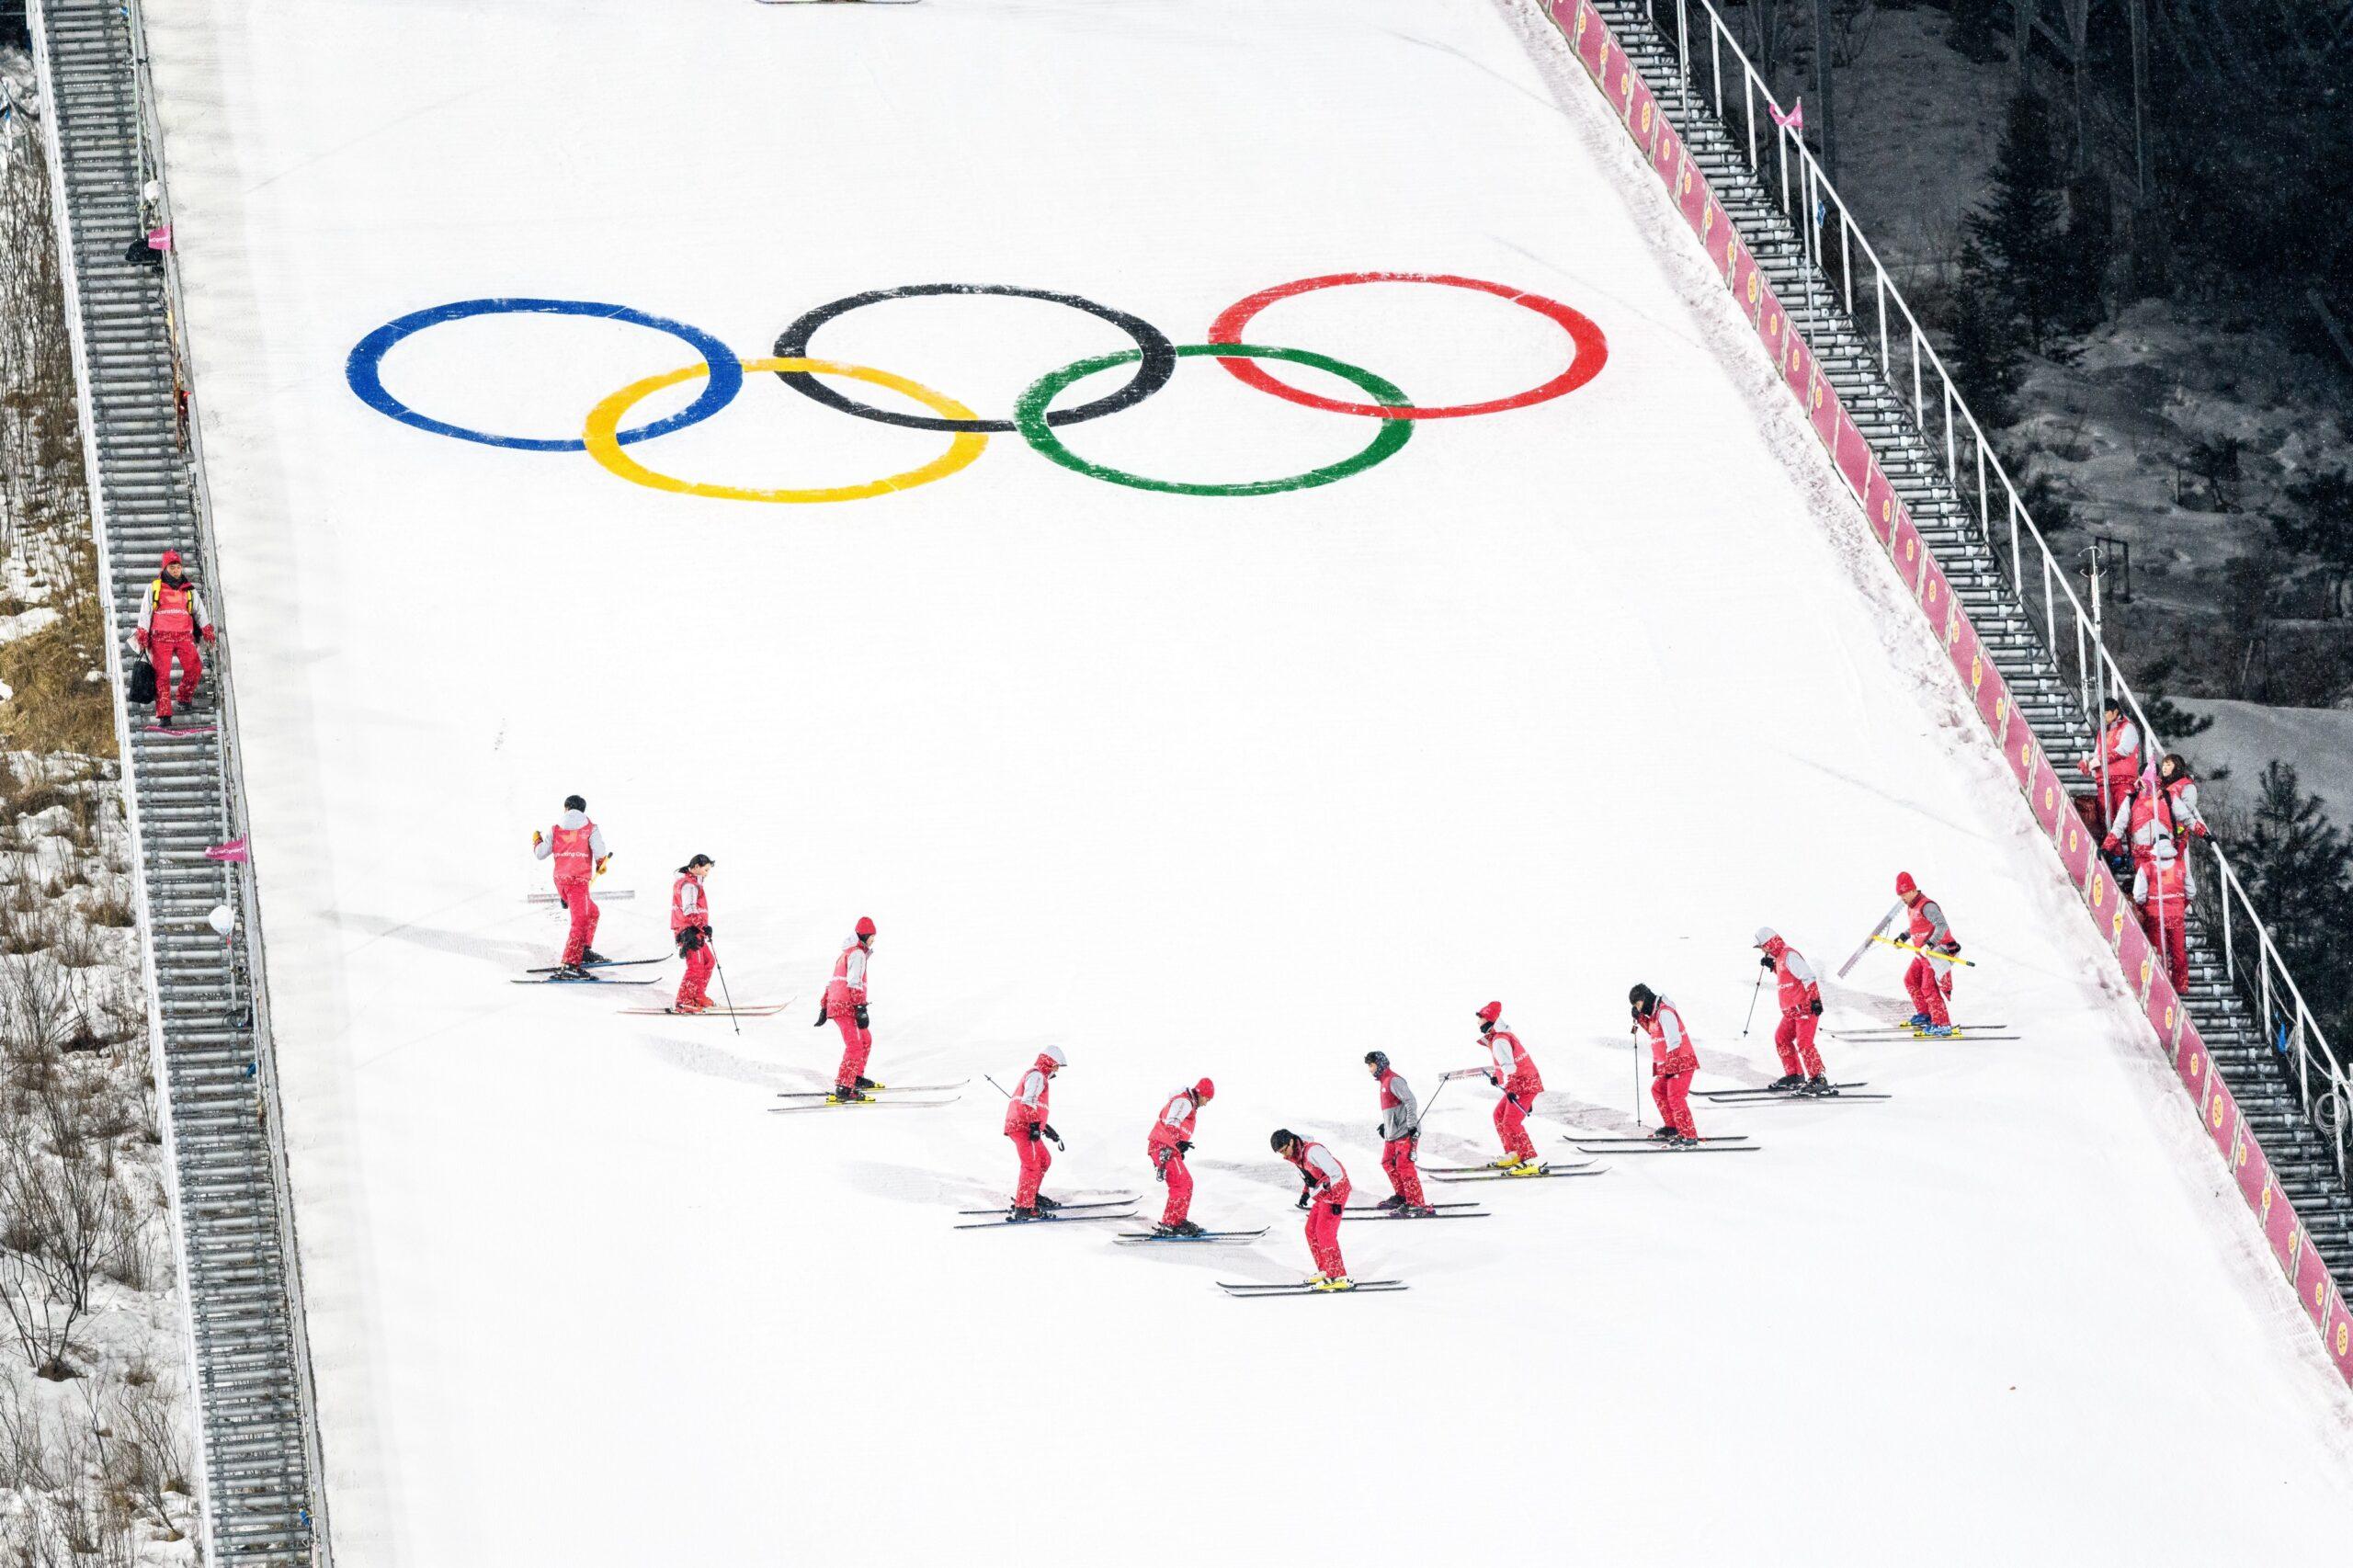 冬奧新裁判「小冰」,真身竟是人工智能?